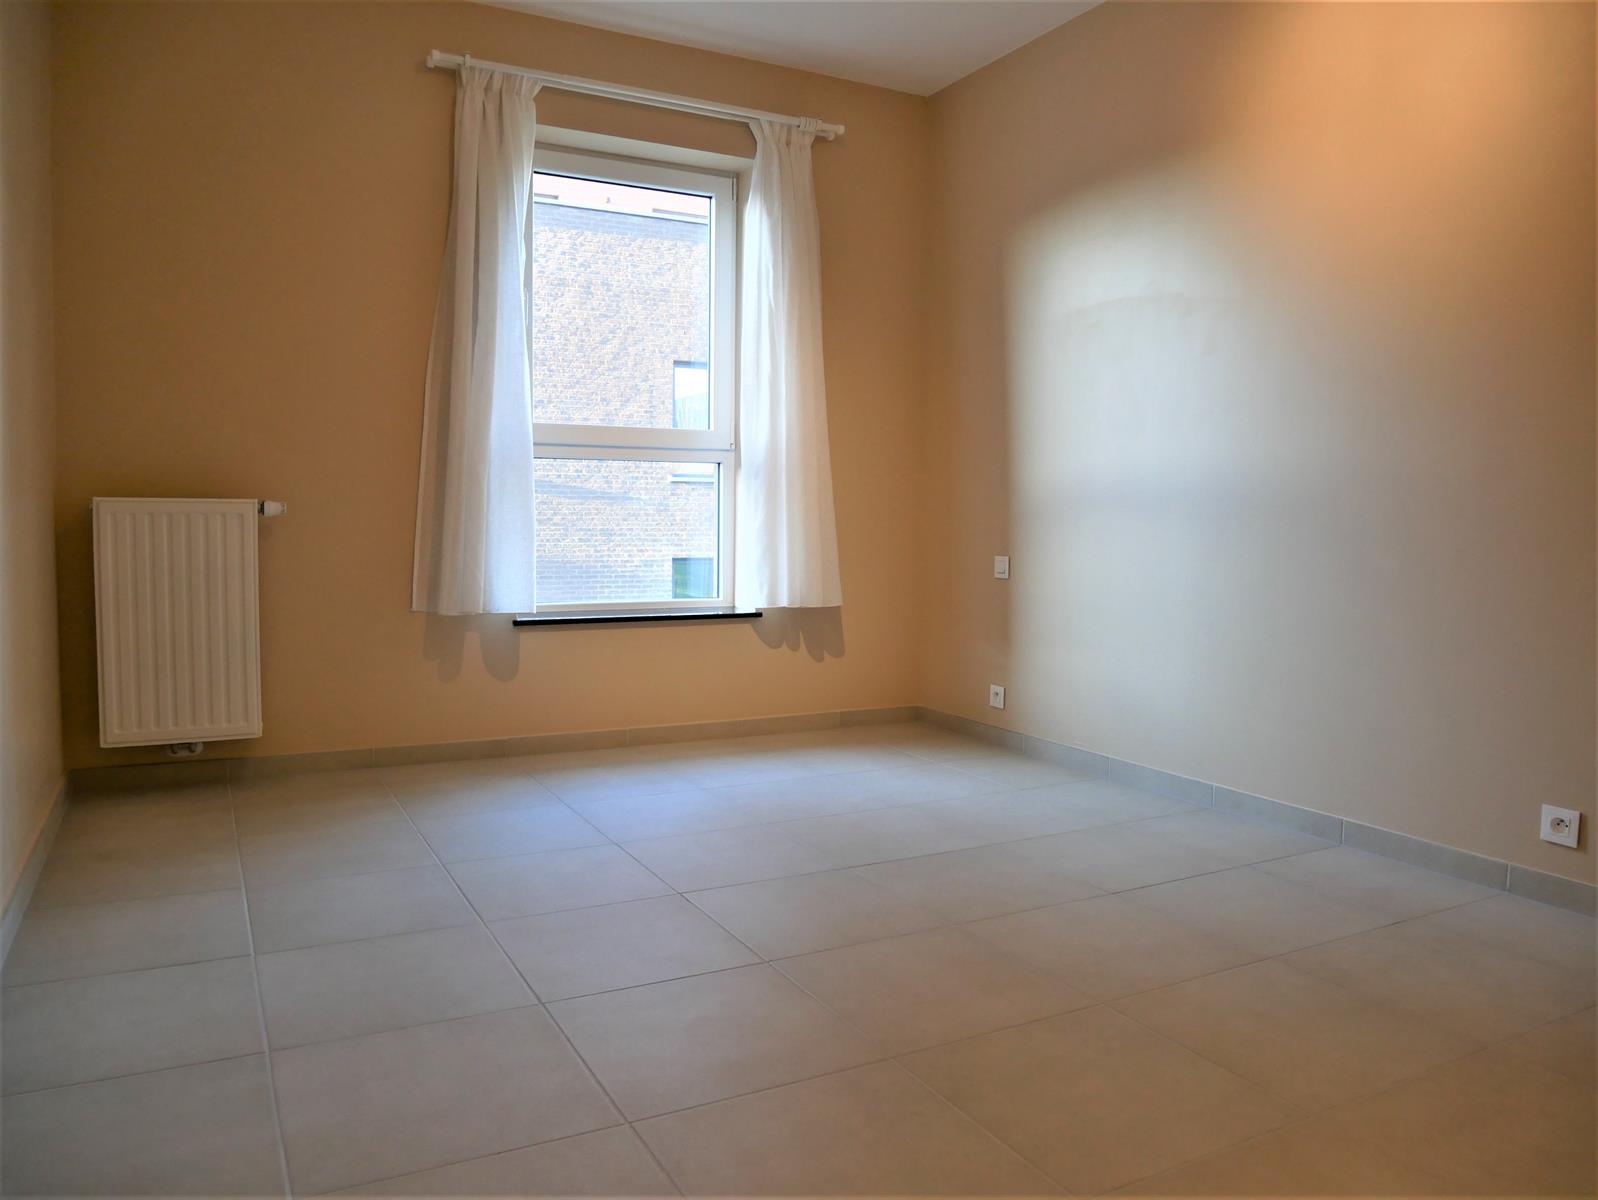 Appartement - Wavre - #4202911-8